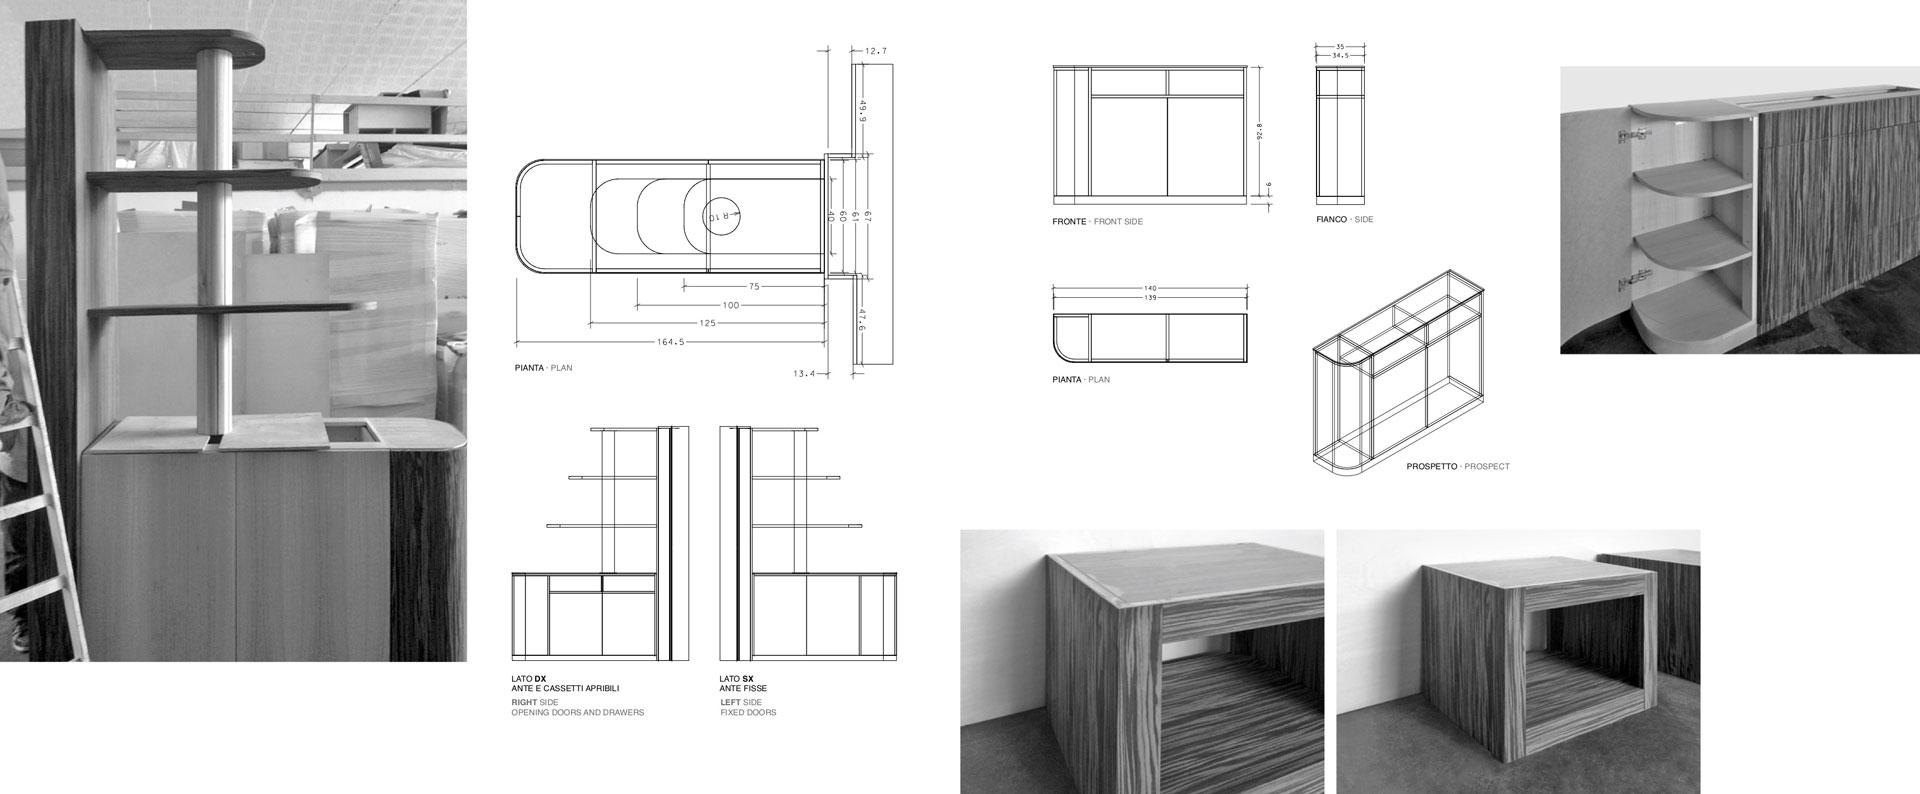 Progetti d'elite 2 - Gallery 12